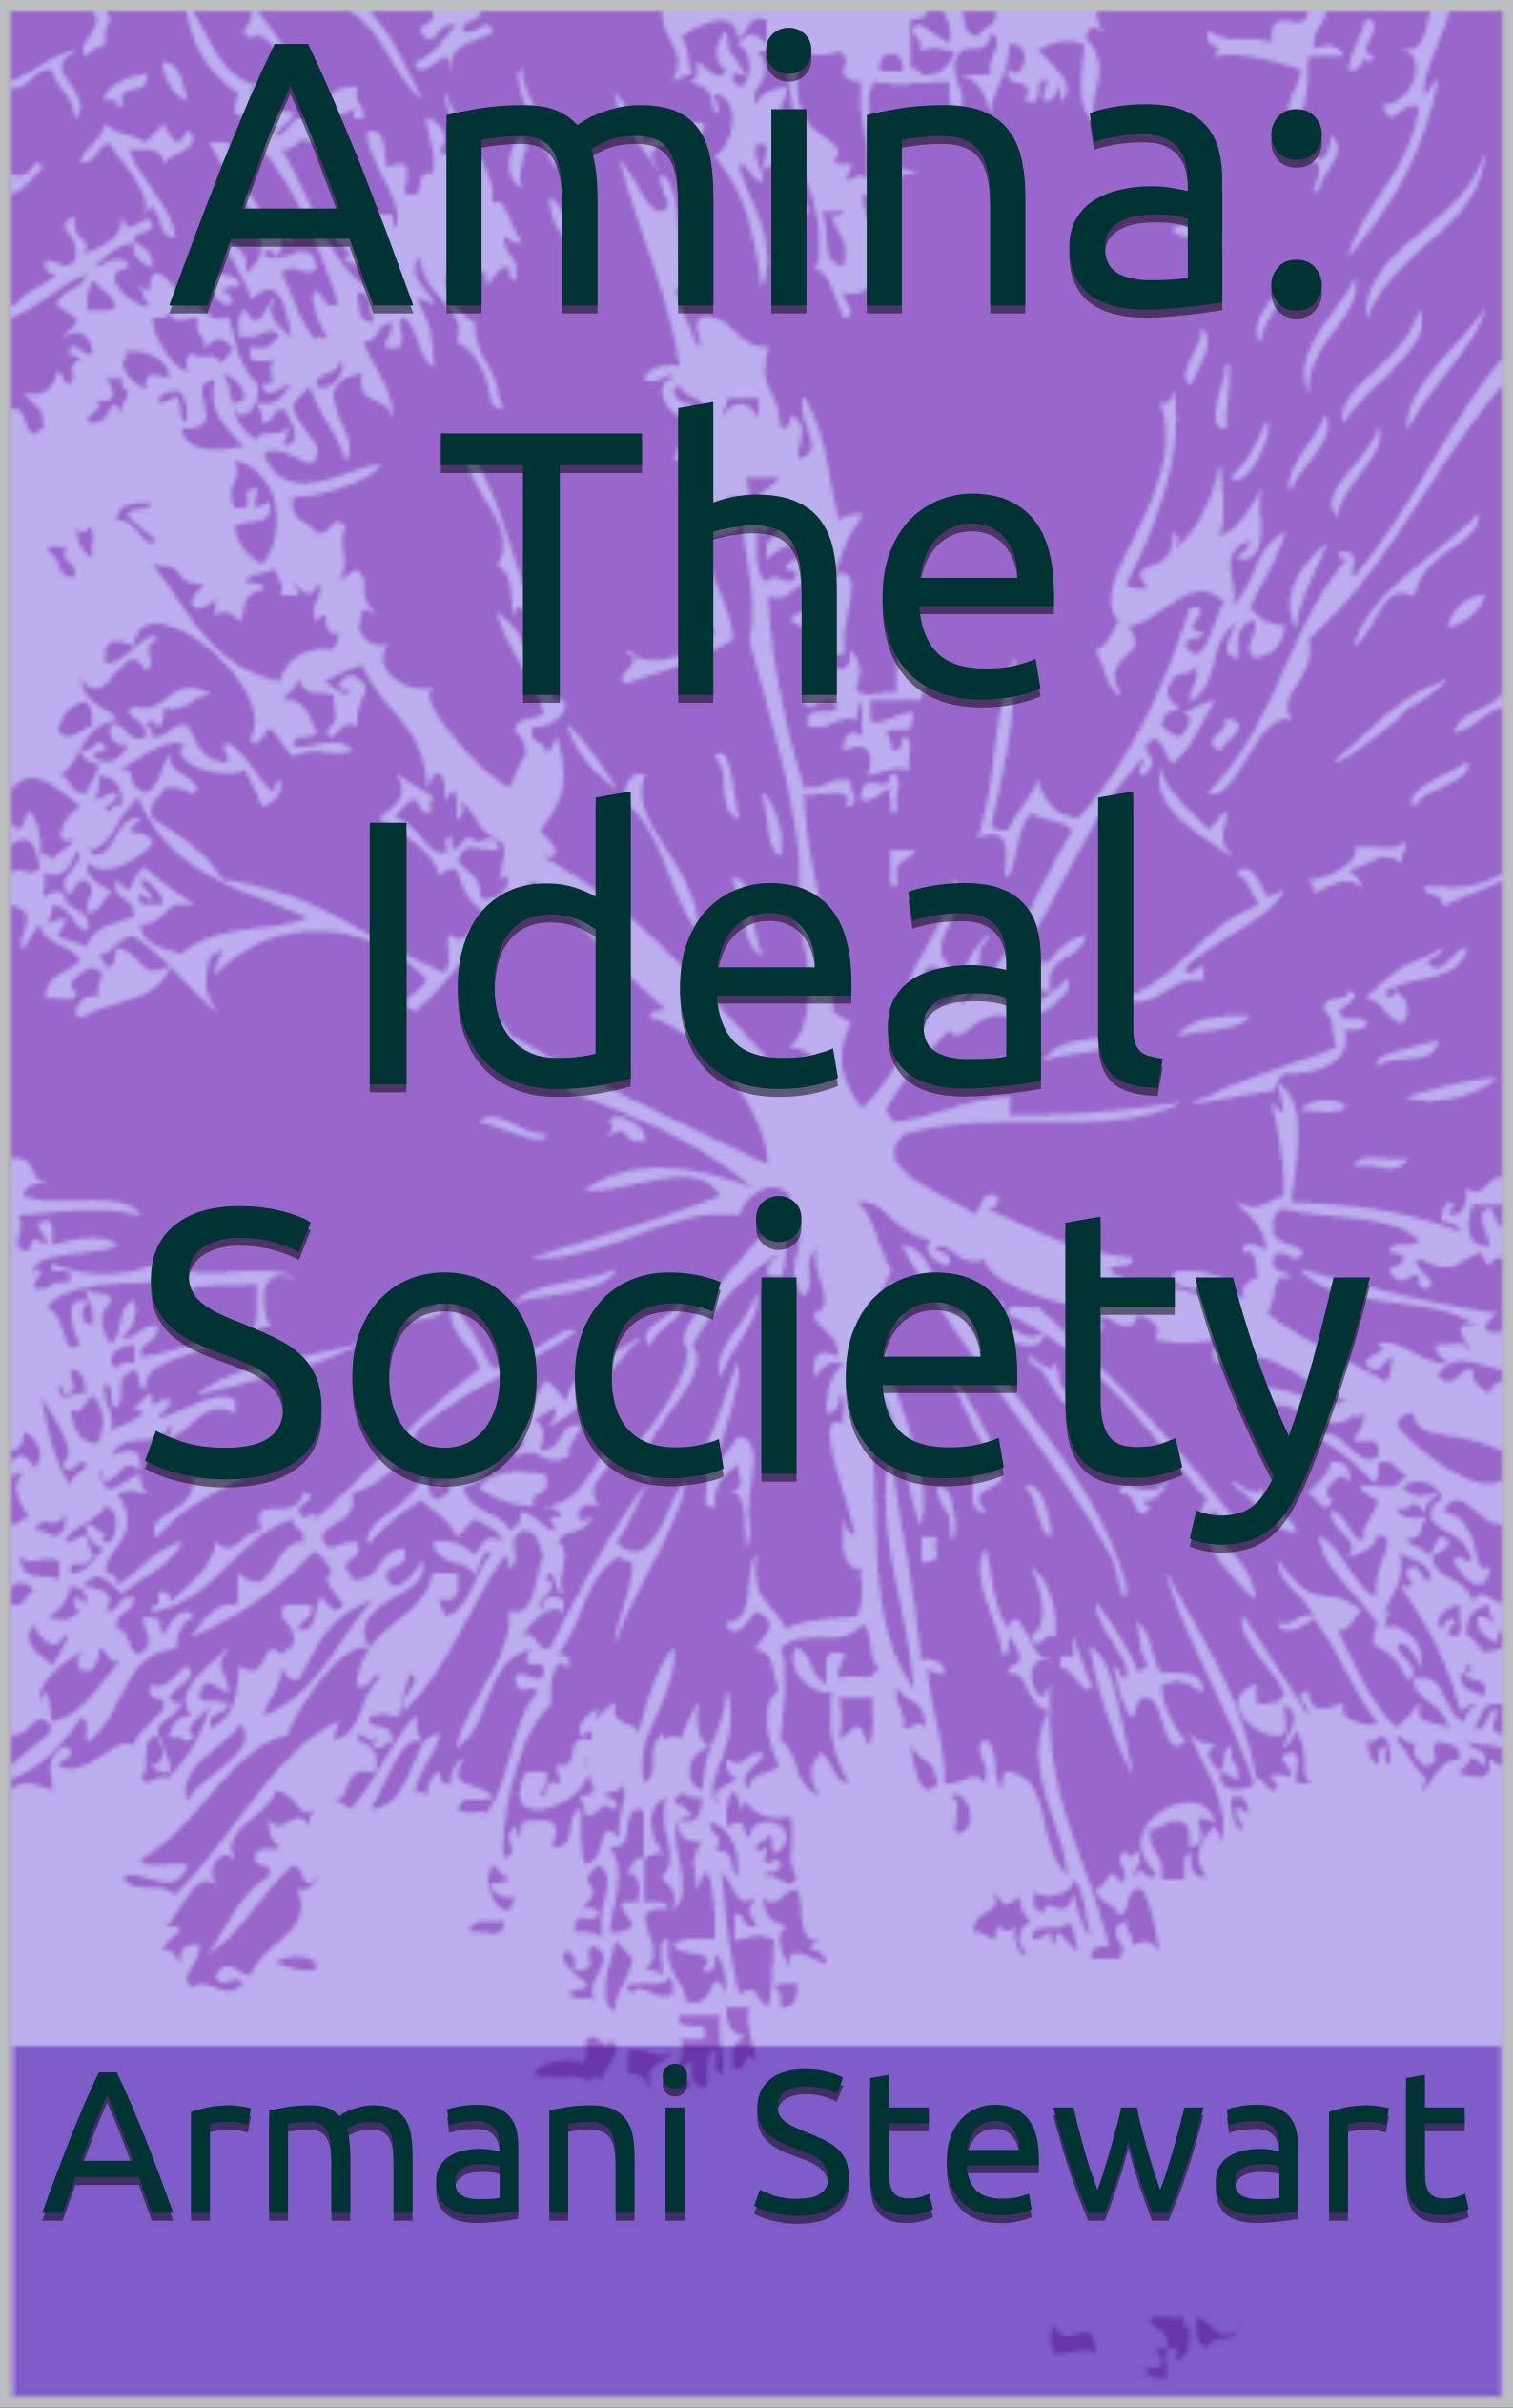 Amina: The Ideal Society Armani Stewart